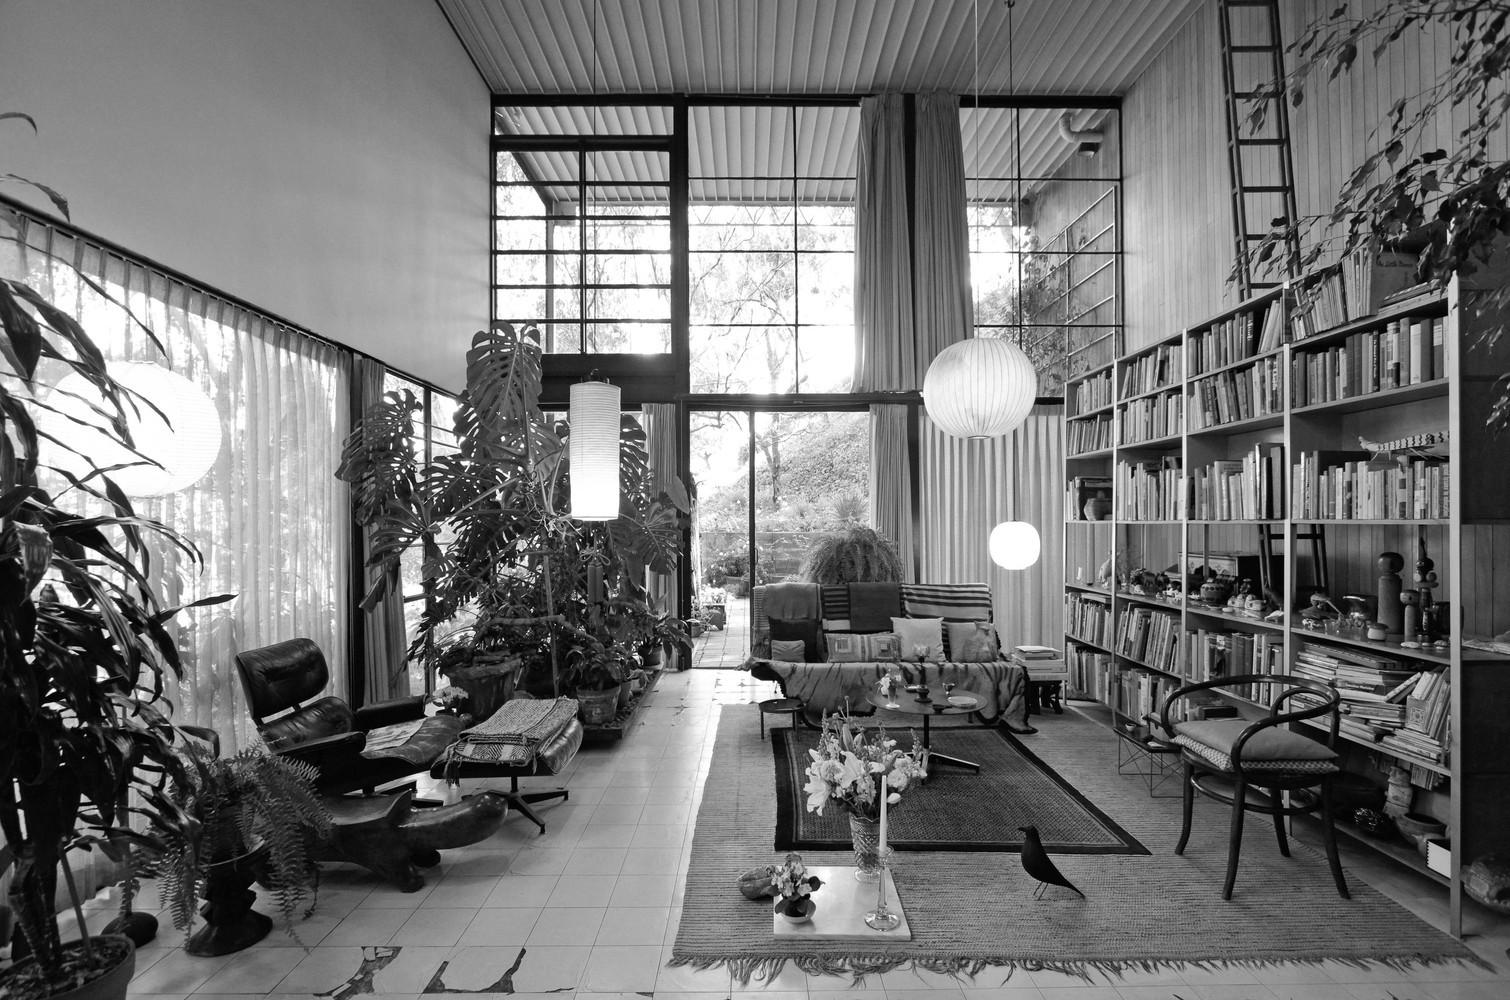 ¿Qué es el diseño de interiores (y por qué puede hacerte sentir mejor)?,Eames House / Charles e Ray Eames. Image Courtesy of Archilogic